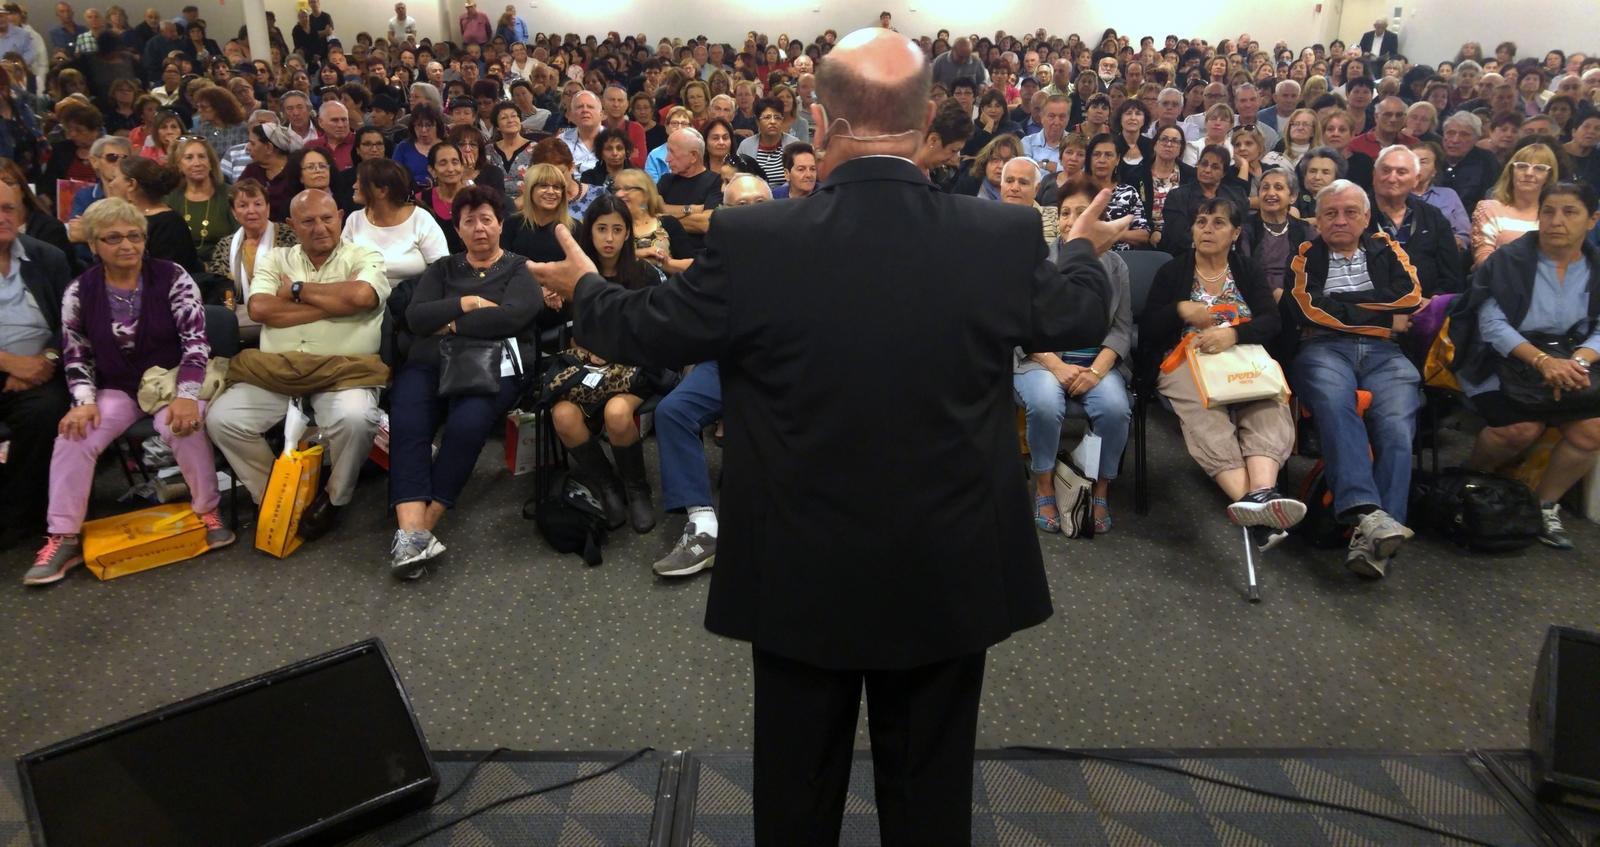 יריד גיל הזהב - אולם הרצאות